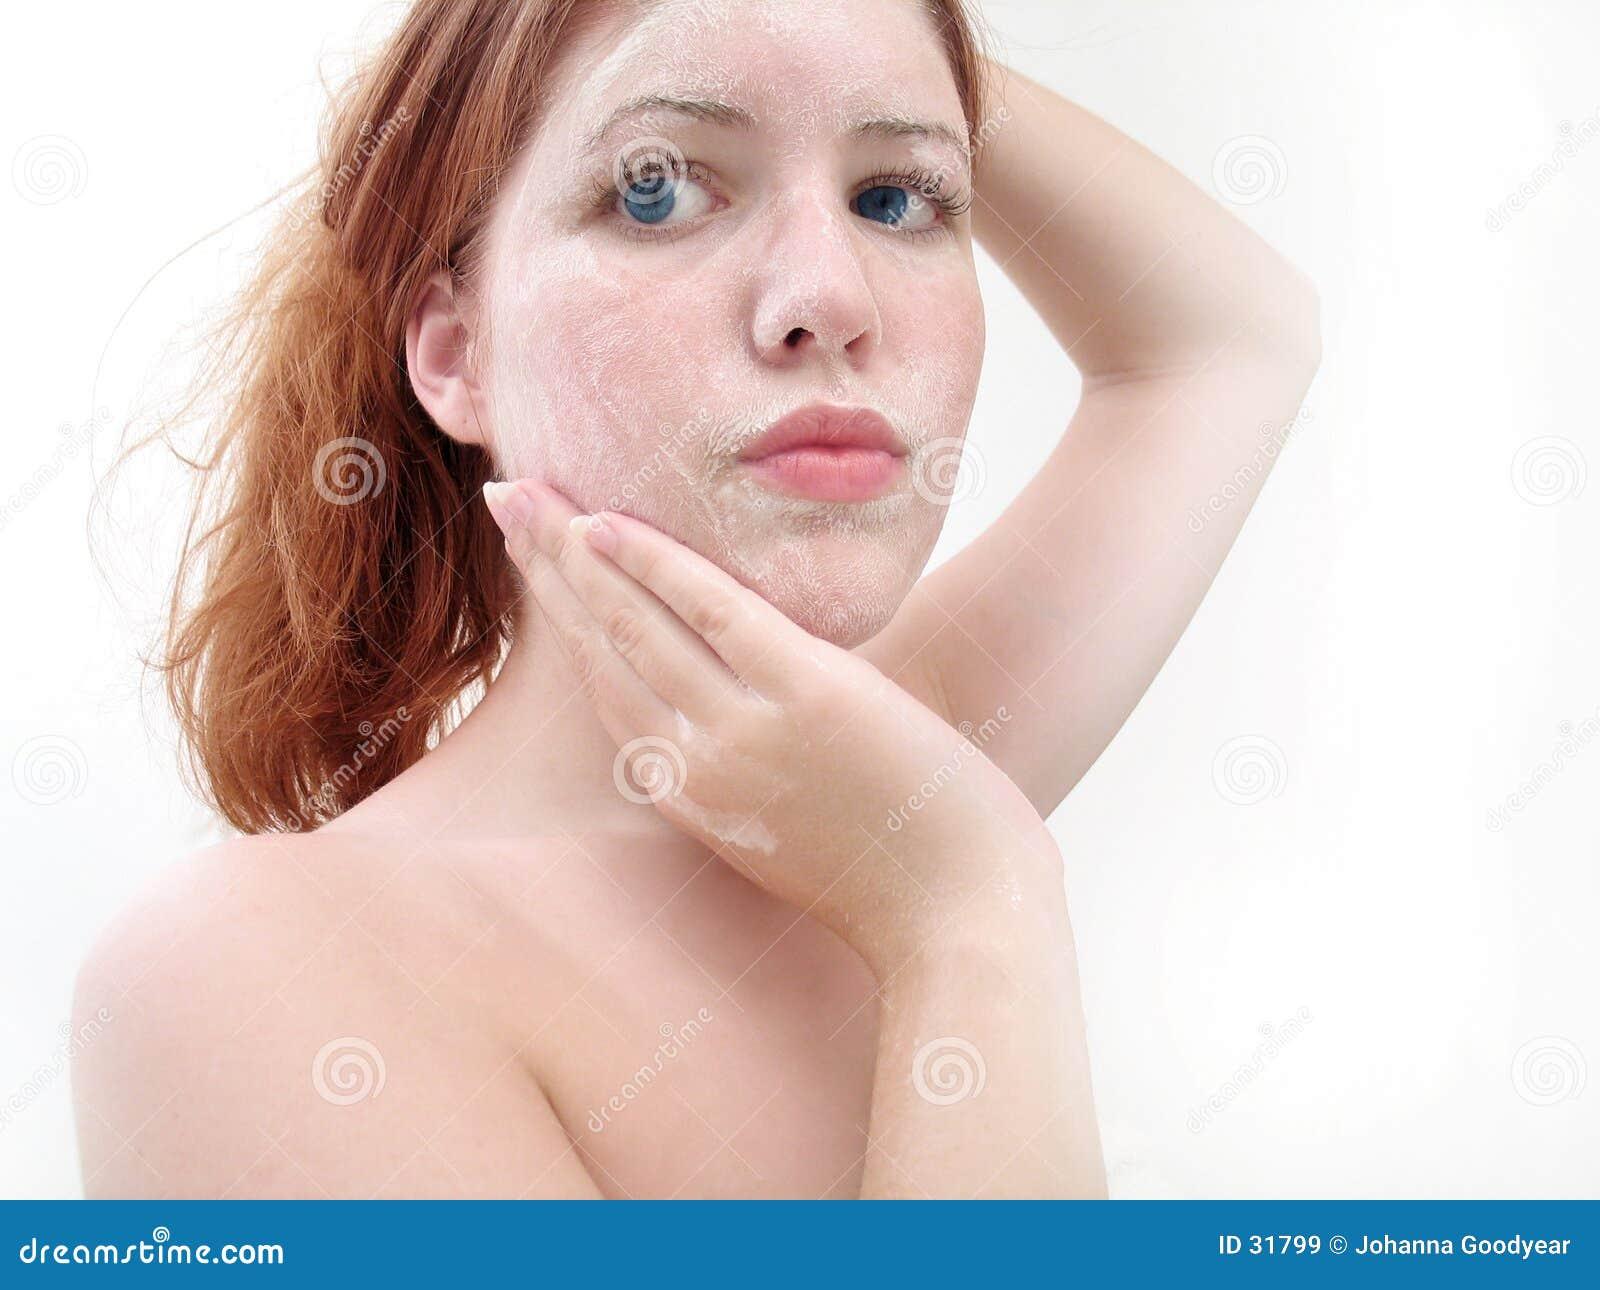 Colada facial 4